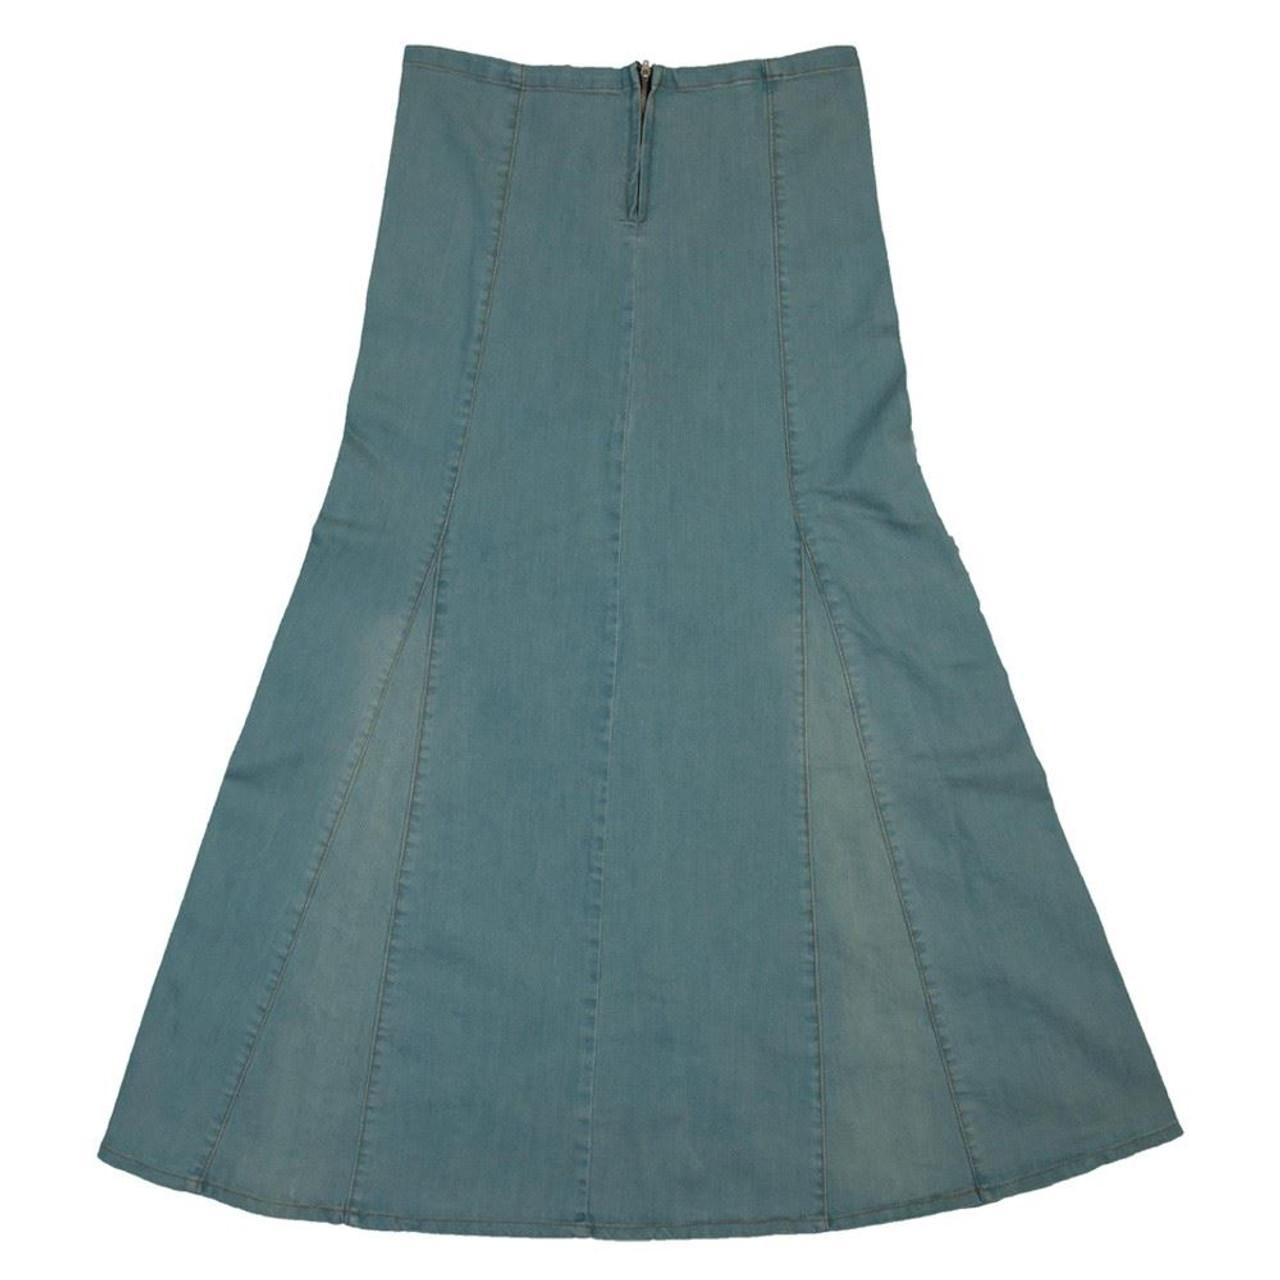 77fadeca3a2 Clove Womens Ice Blue Denim Skirt